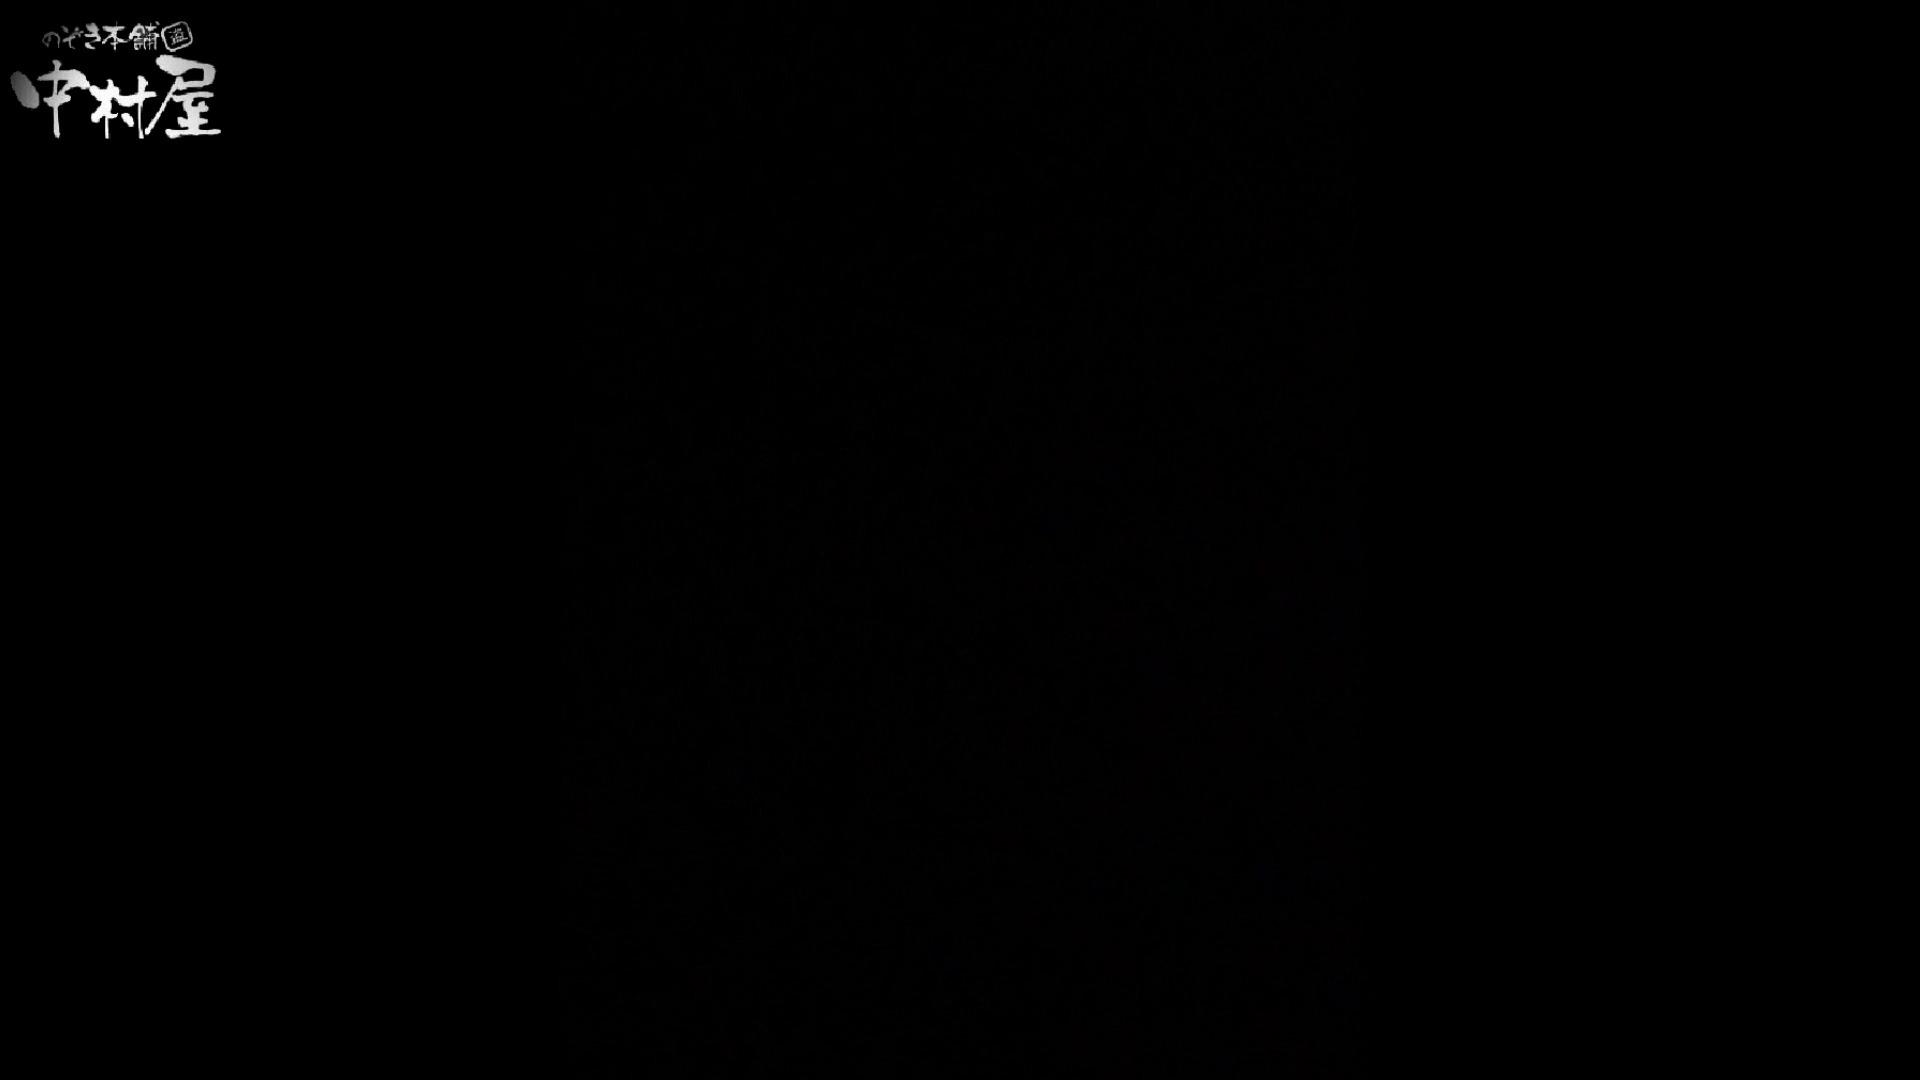 民家風呂専門盗撮師の超危険映像 vol.006 エロい美少女 ヌード画像 88PIX 24